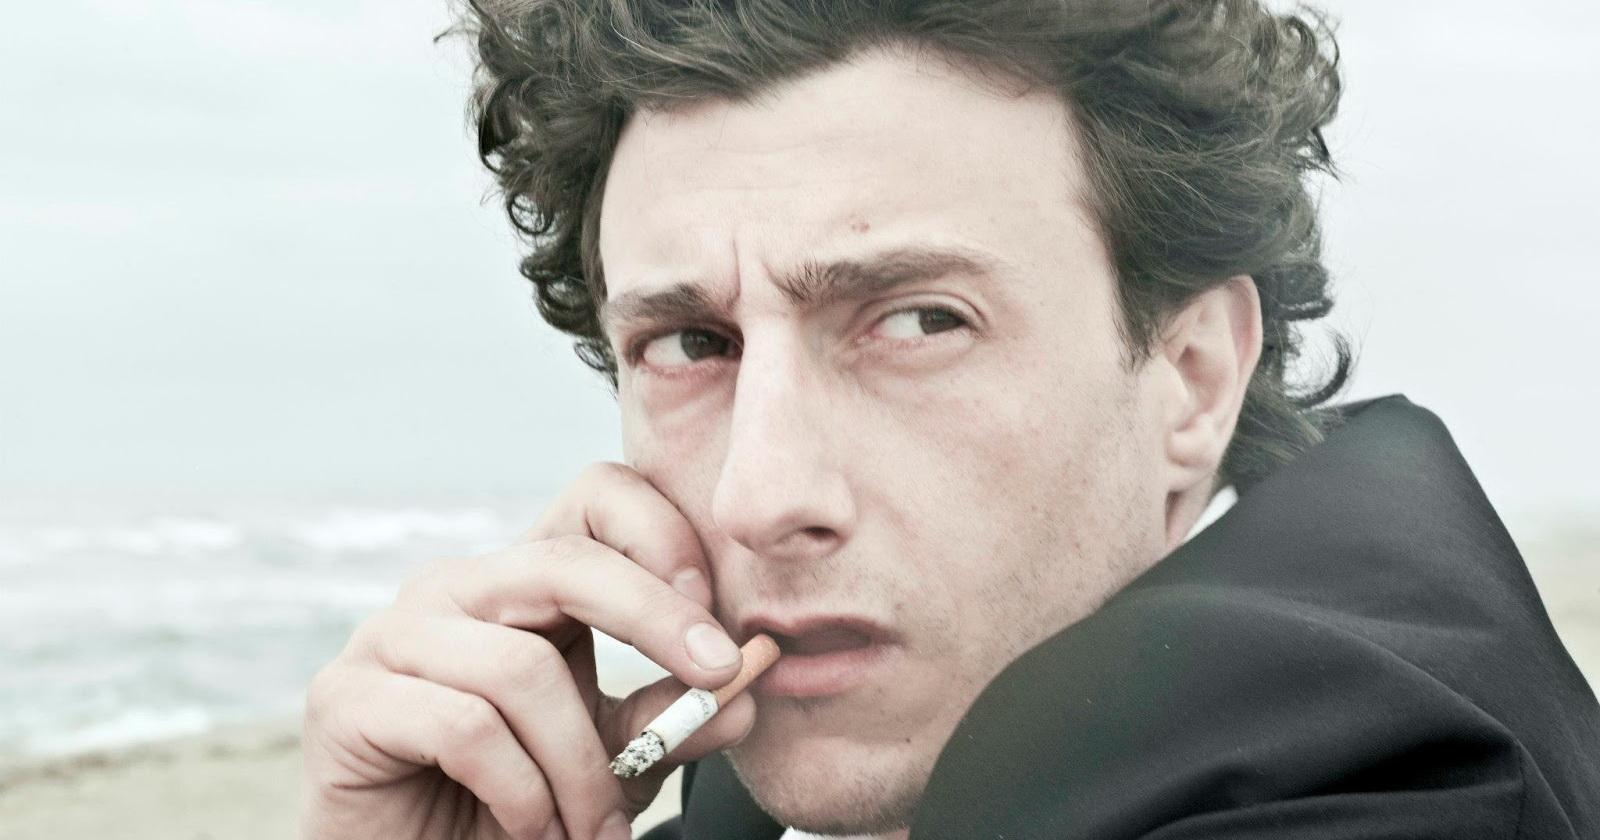 Intervista al giovane attore Alfio Sorbello, protagonista di Once (in my life) e con già diversi film di successo alle spalle. Sono terminate da poco le riprese del della black-comedy […]